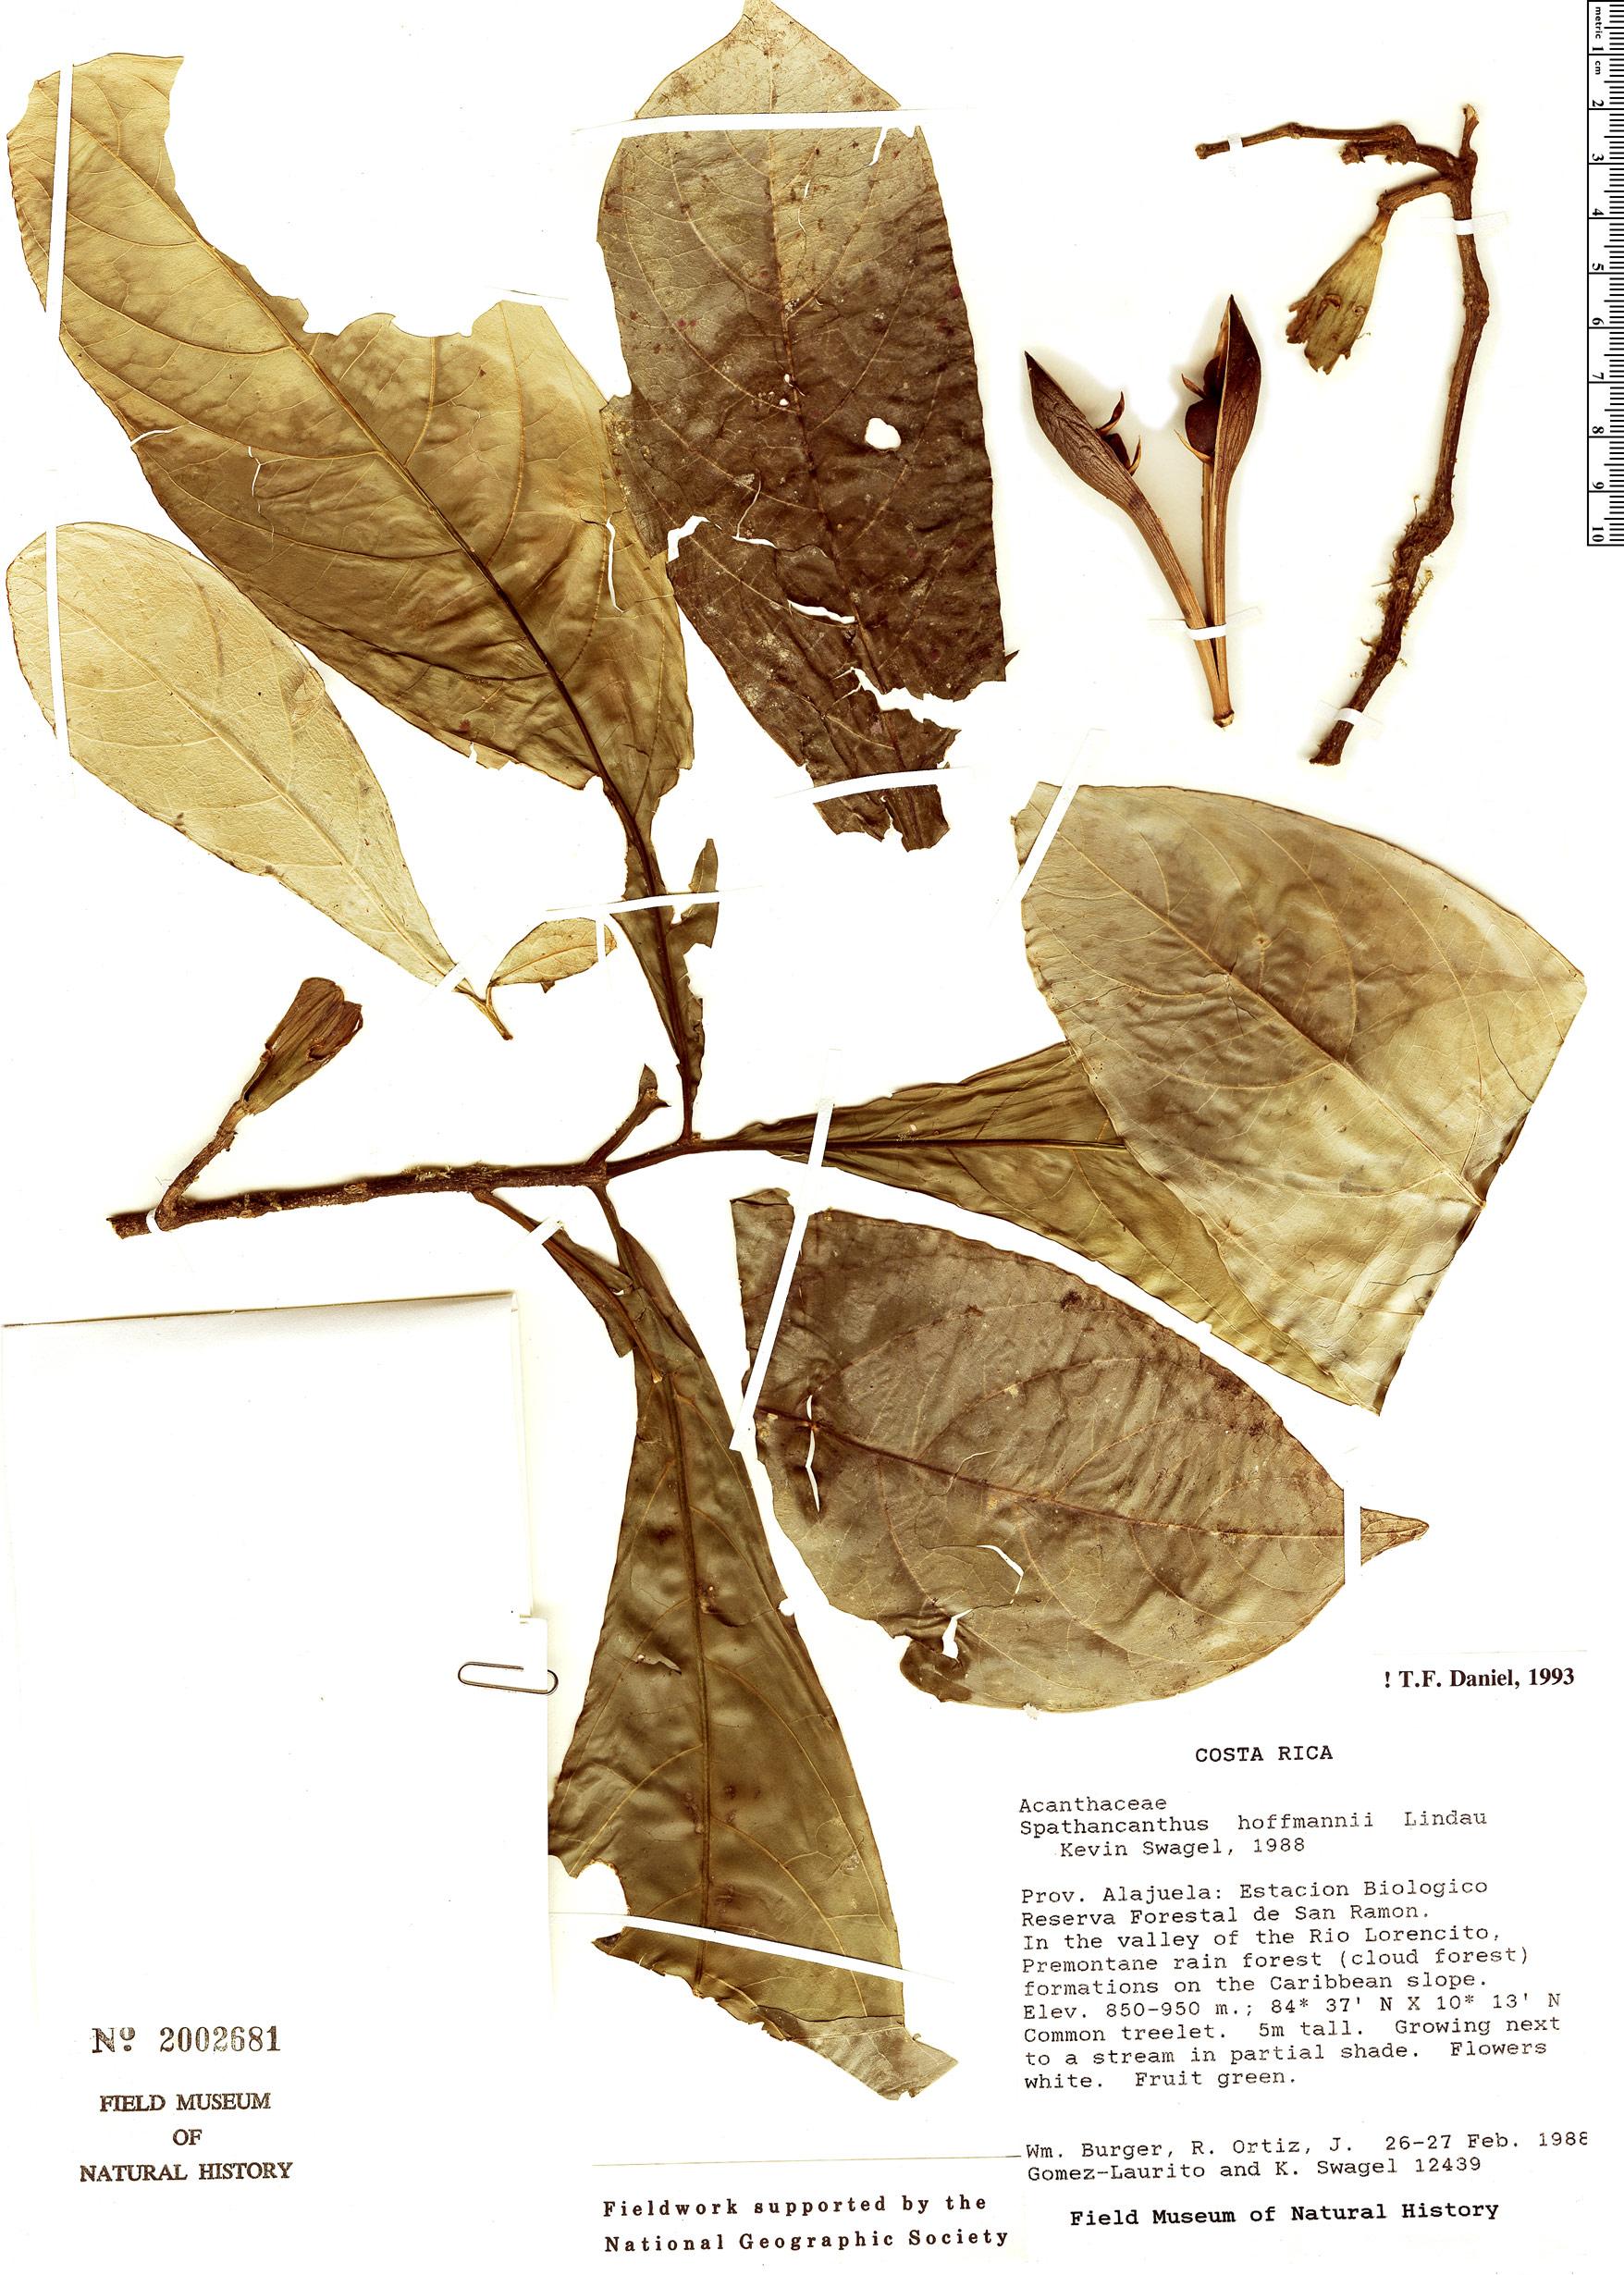 Specimen: Spathacanthus hoffmannii